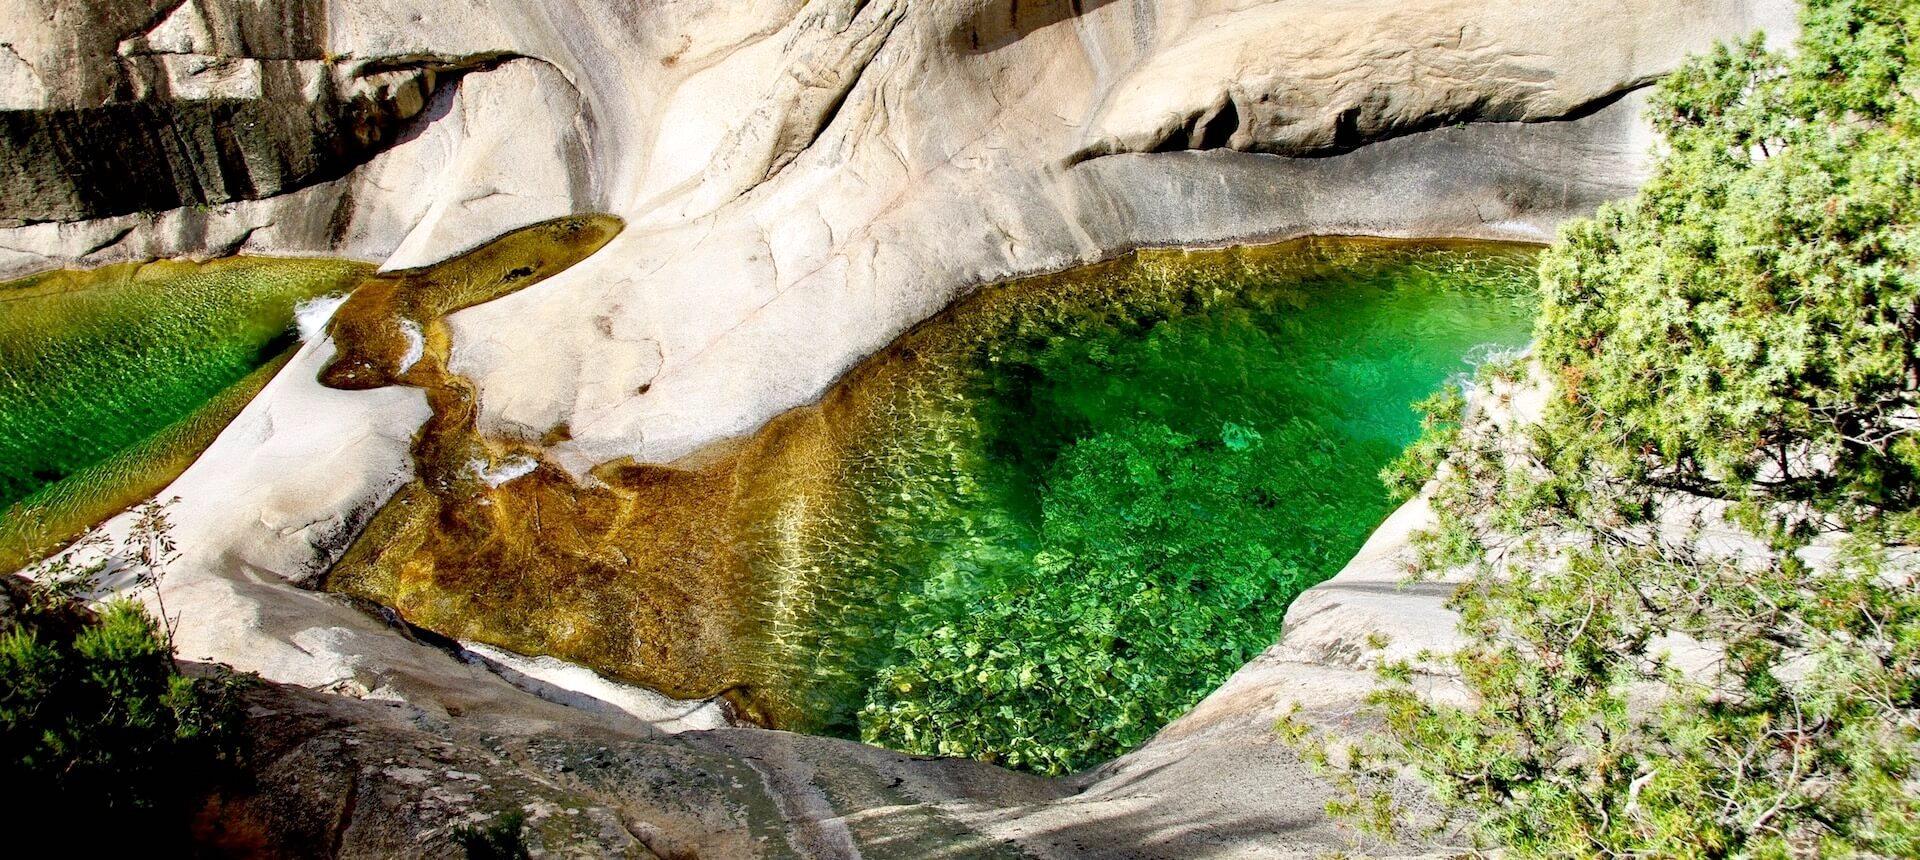 Les cascades de Purcaraccia en Corse